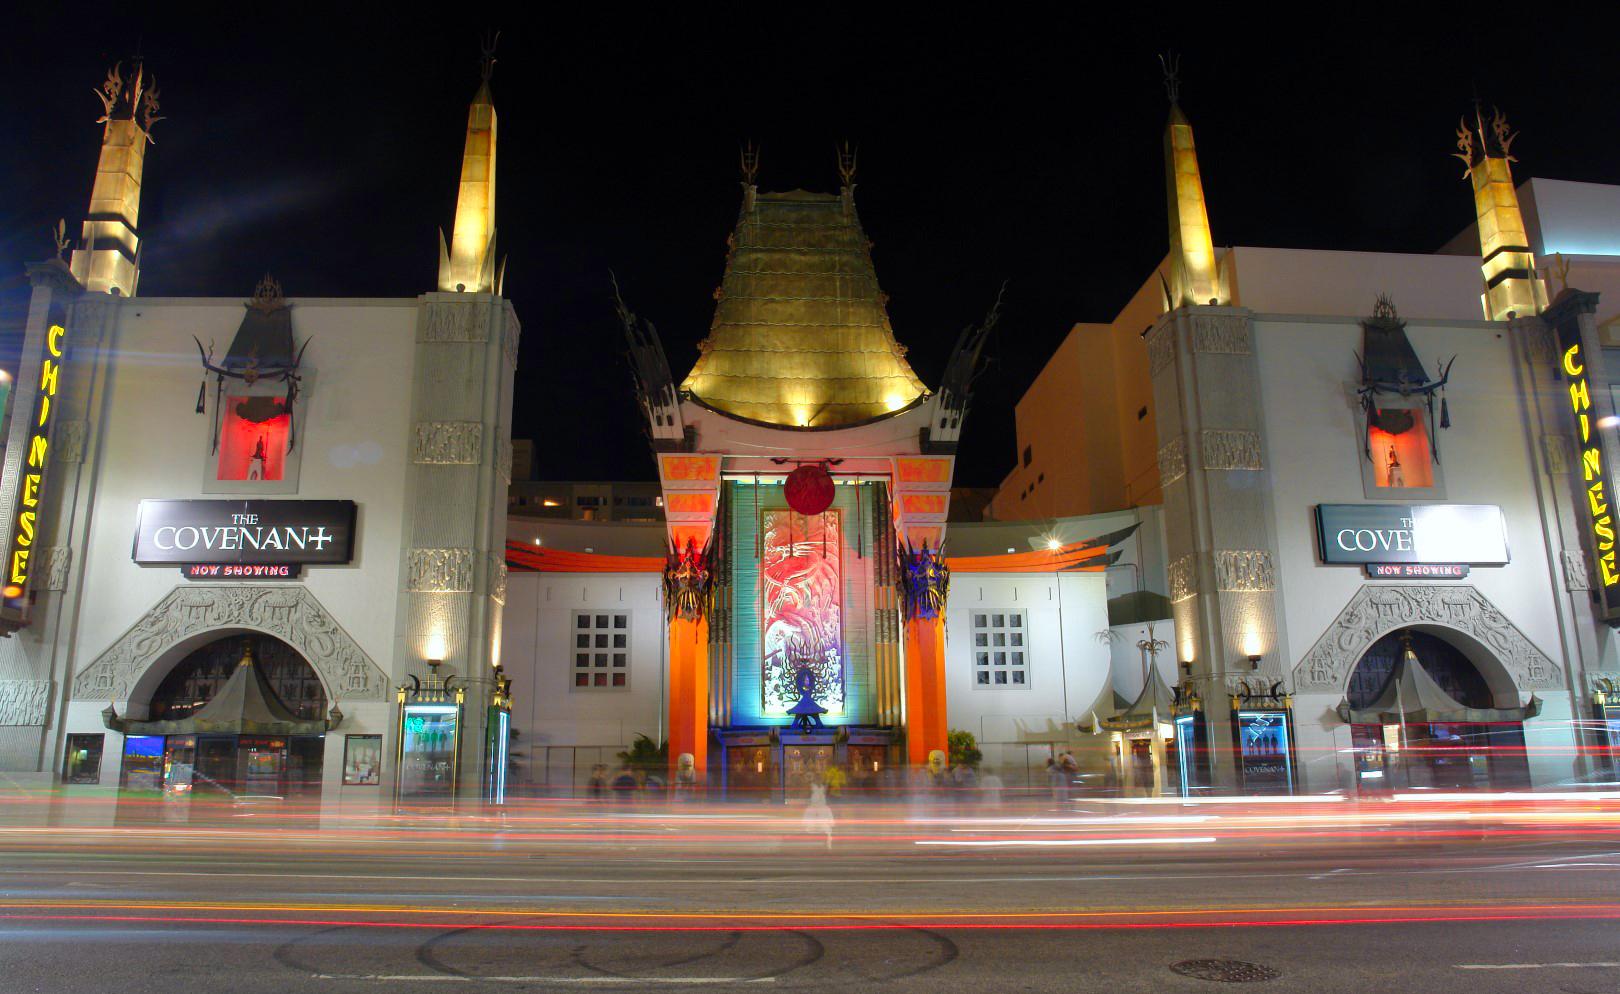 Qué hacer y ver en Los Ángeles los angeles - 32789961275 8524fc4b79 o - Qué hacer y ver en Los Angeles